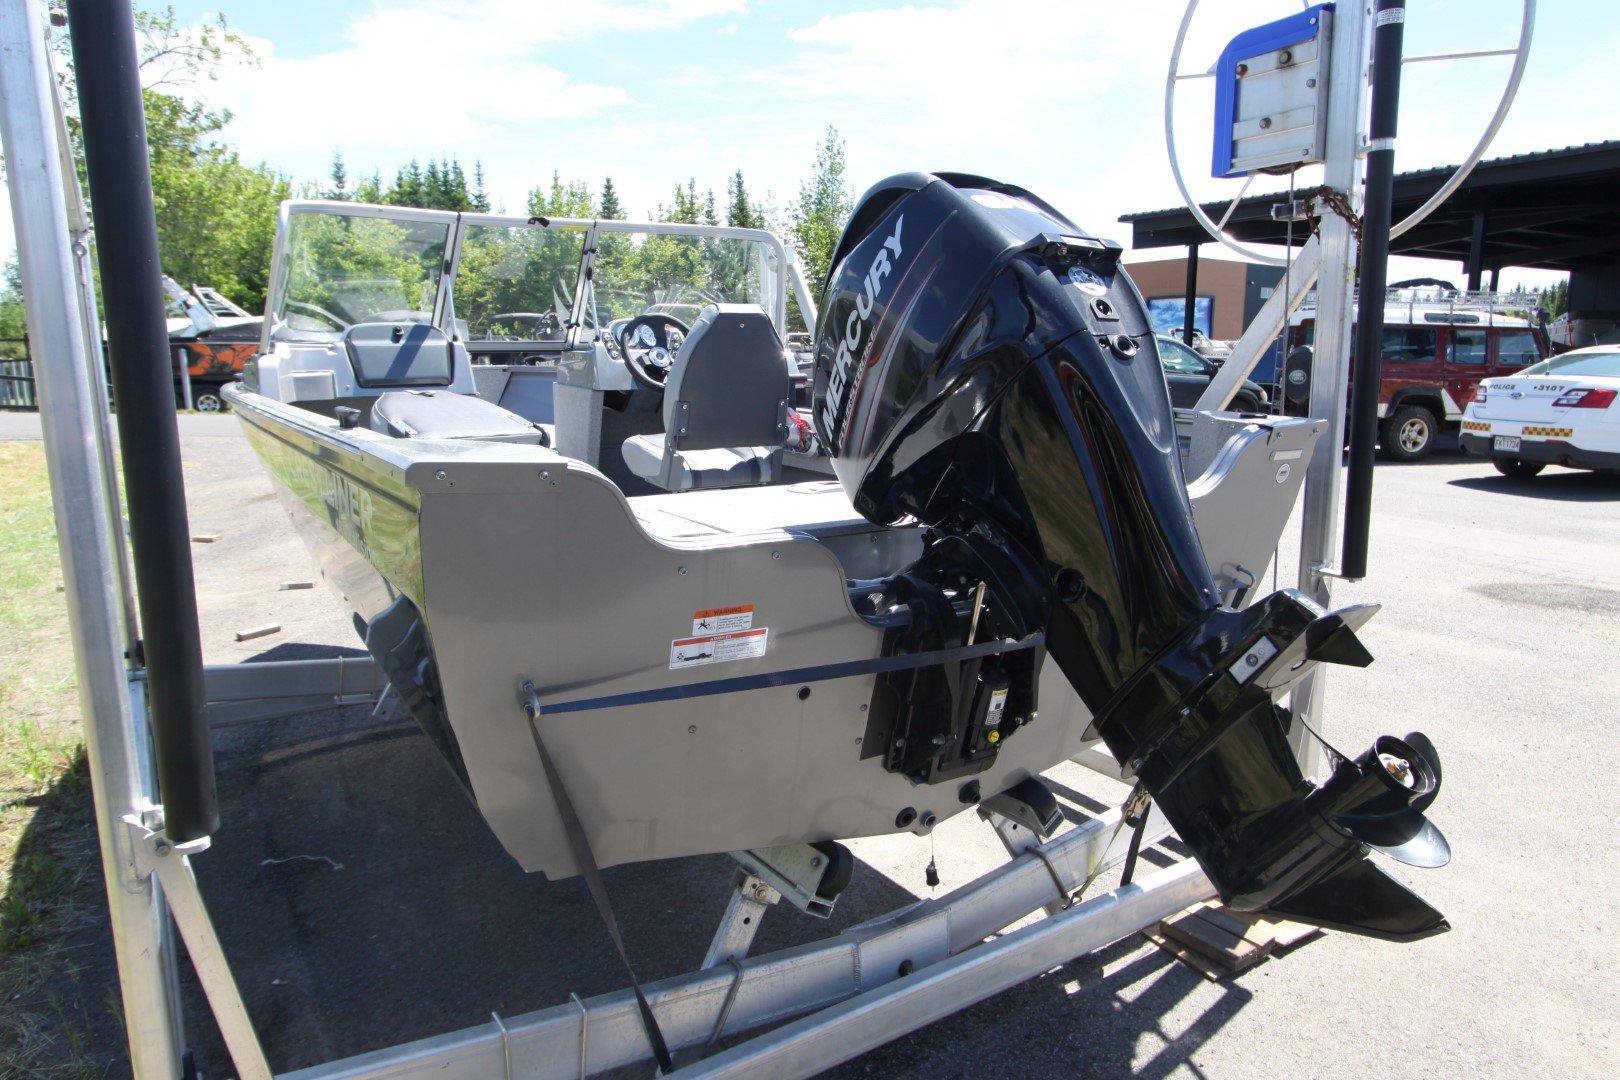 Crestliner Vision 1600 WT - IMG_5507